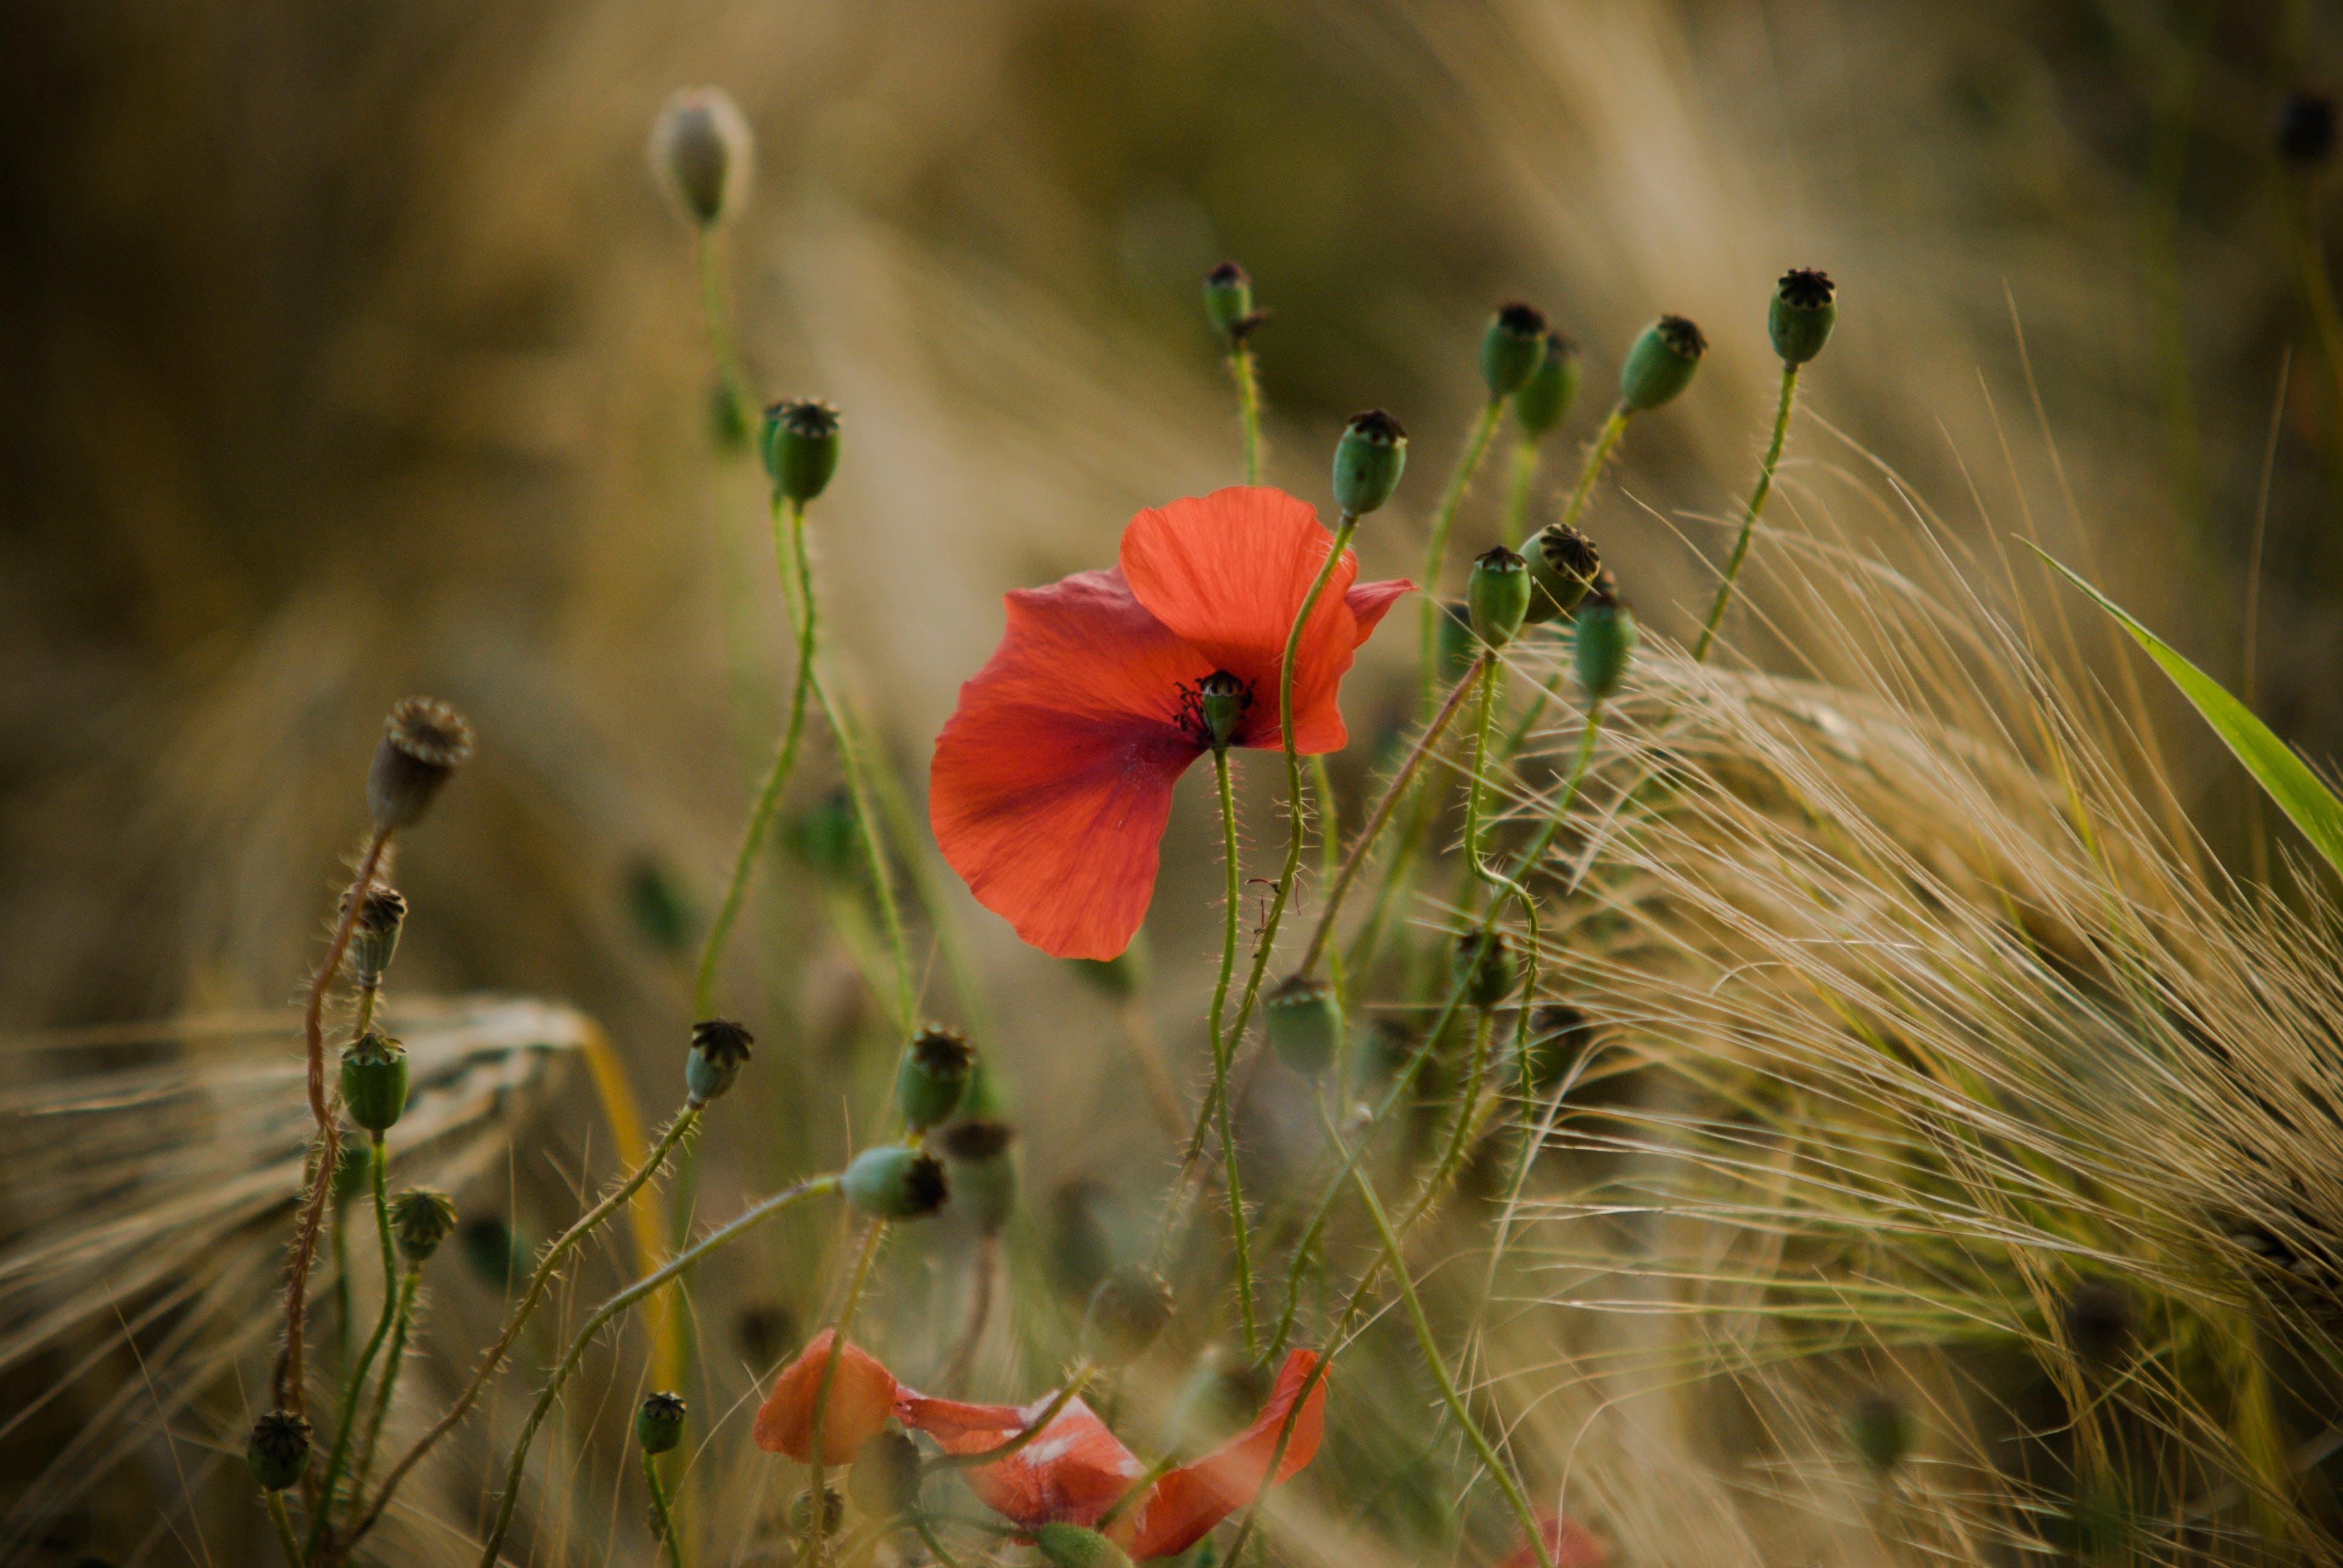 Free stock photo of field, flower, wheat, wheat field